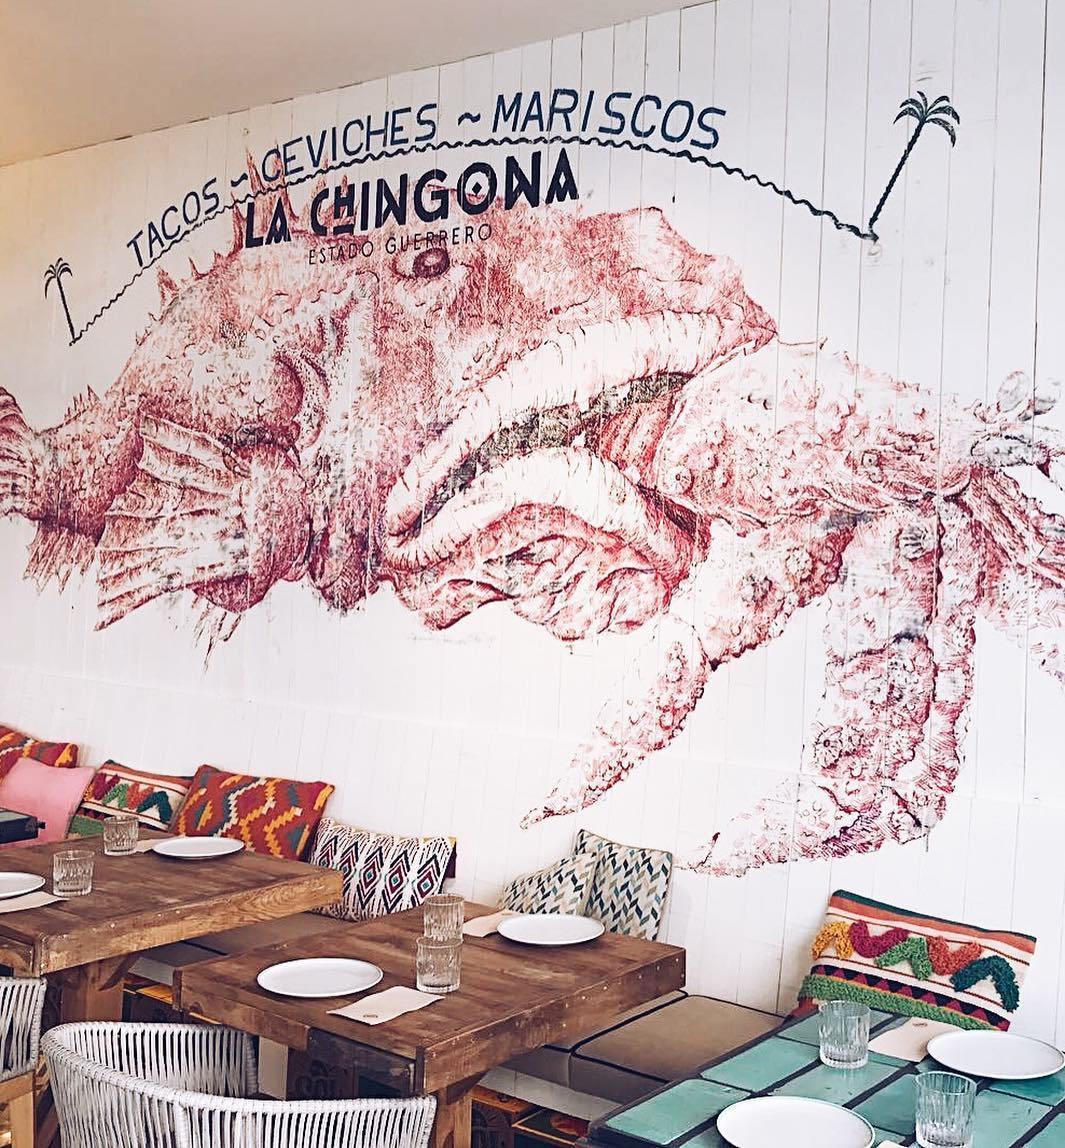 La Chingona